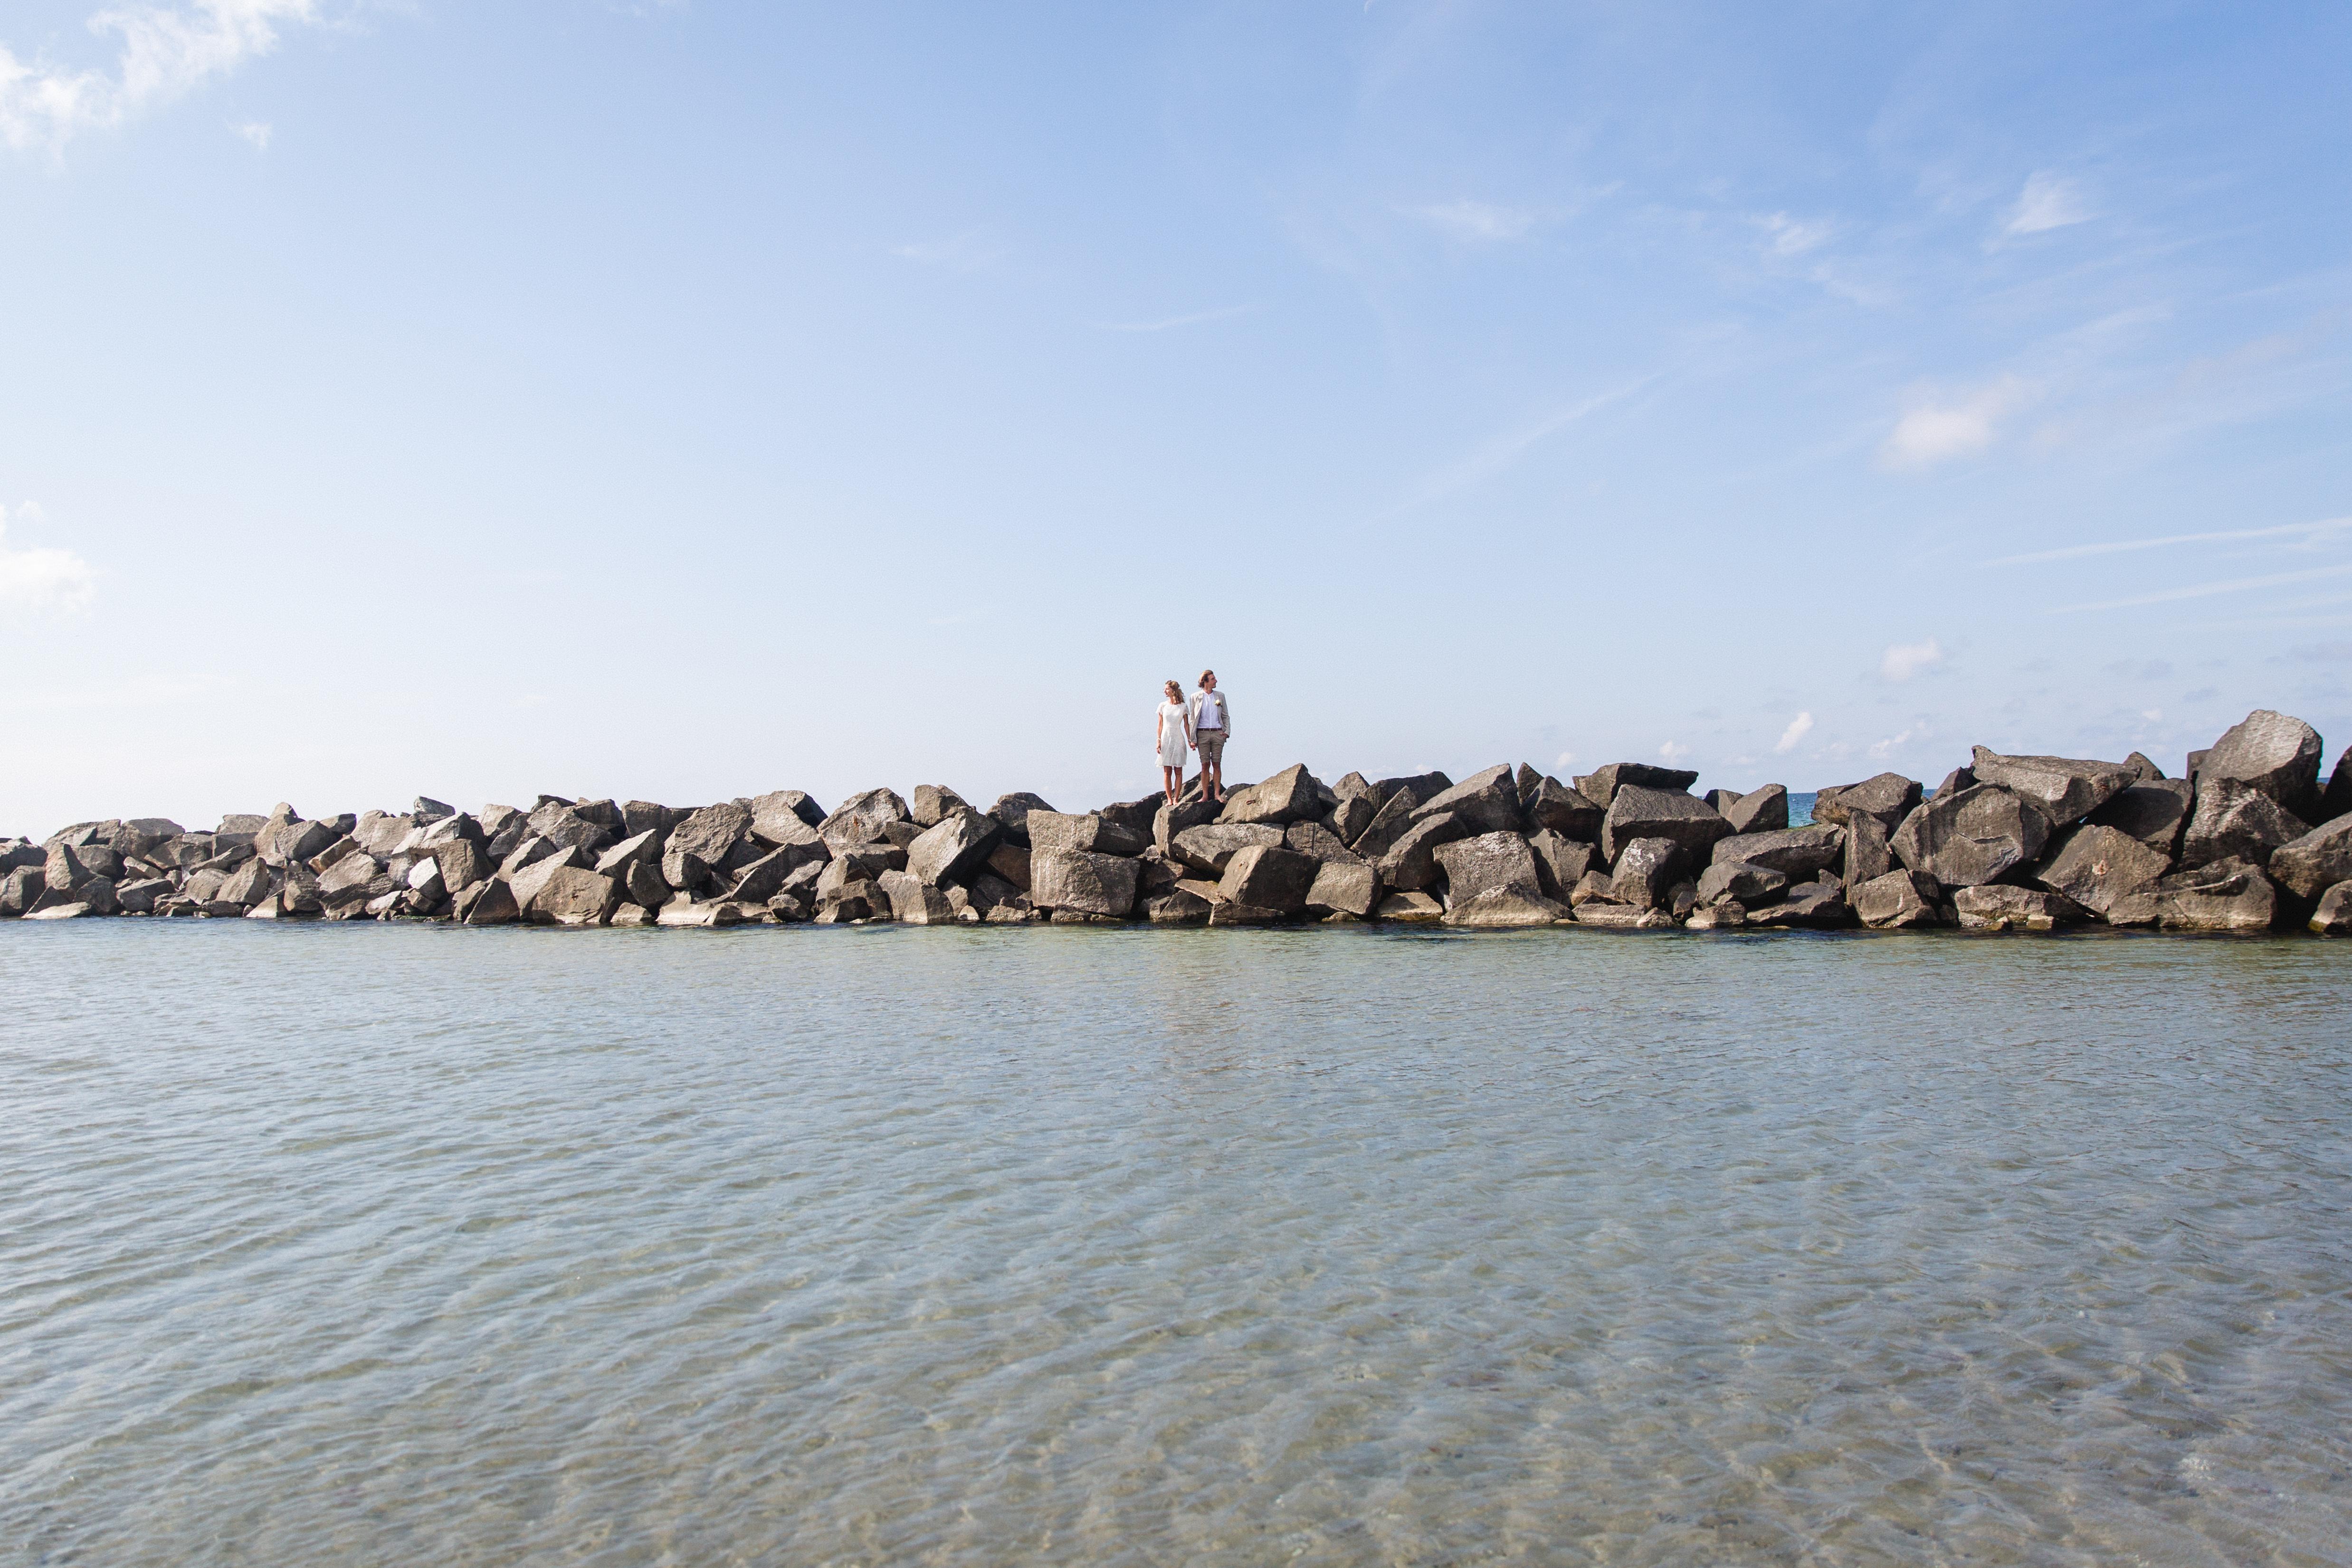 Hochzeitsshooting auf den Steinen am Strand.